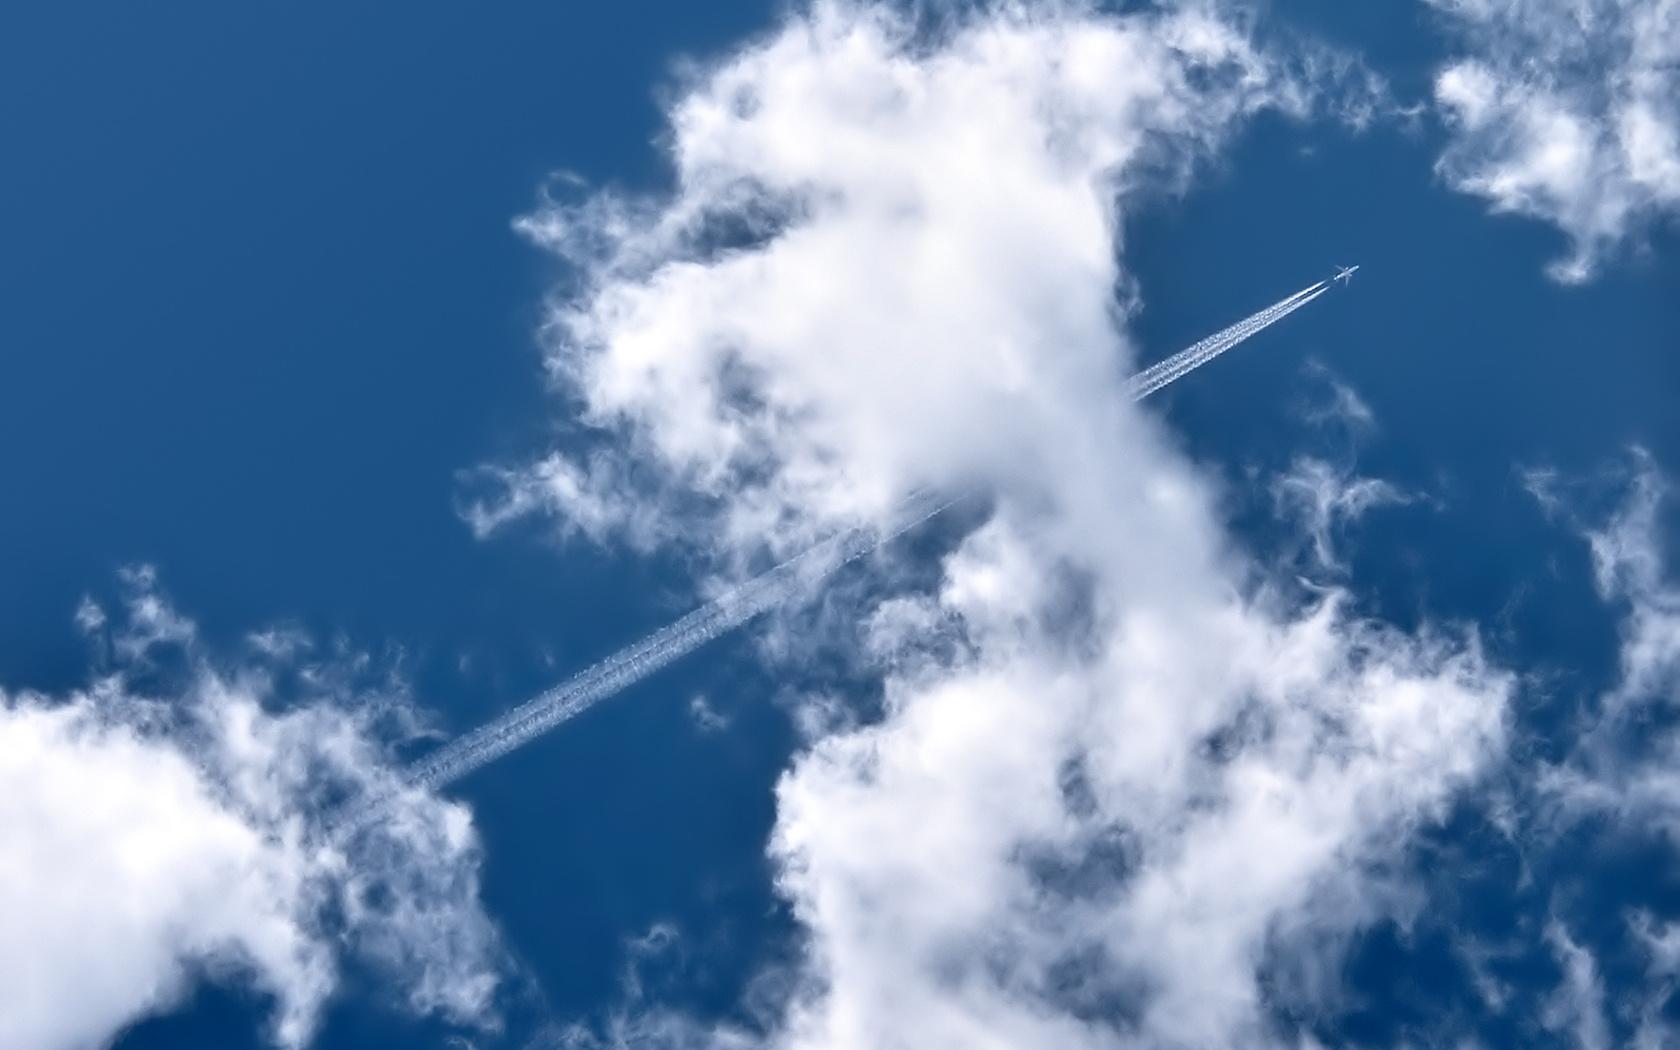 самолет, облака, след, высоко, в небе